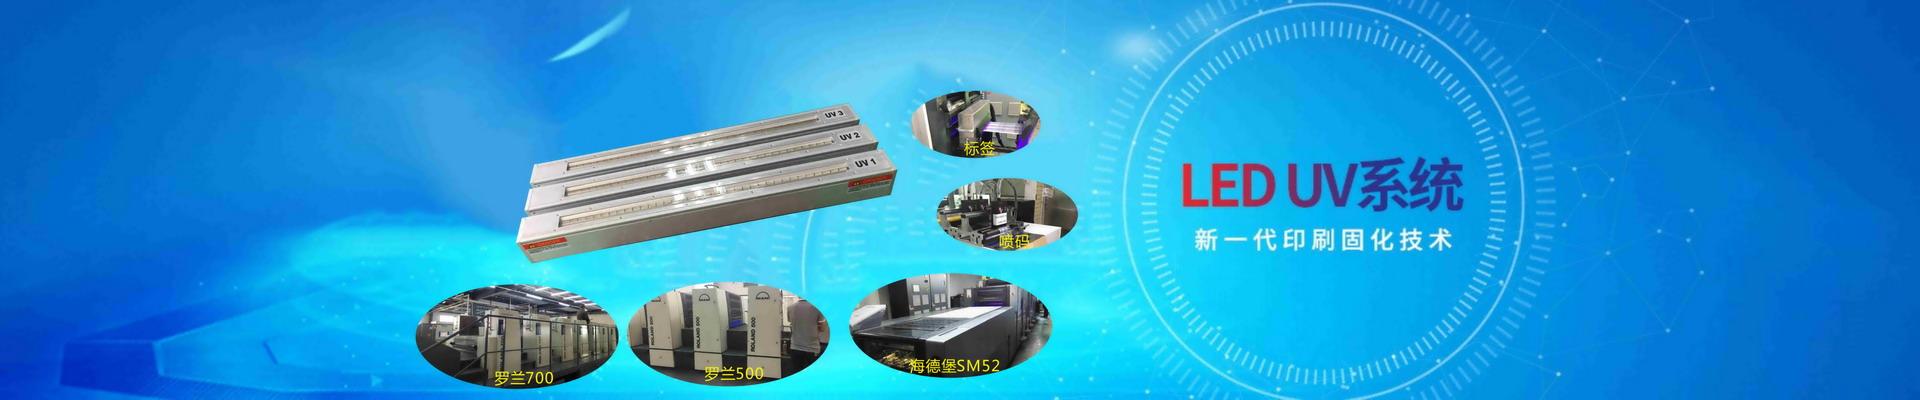 立丹源-LED-UV系统